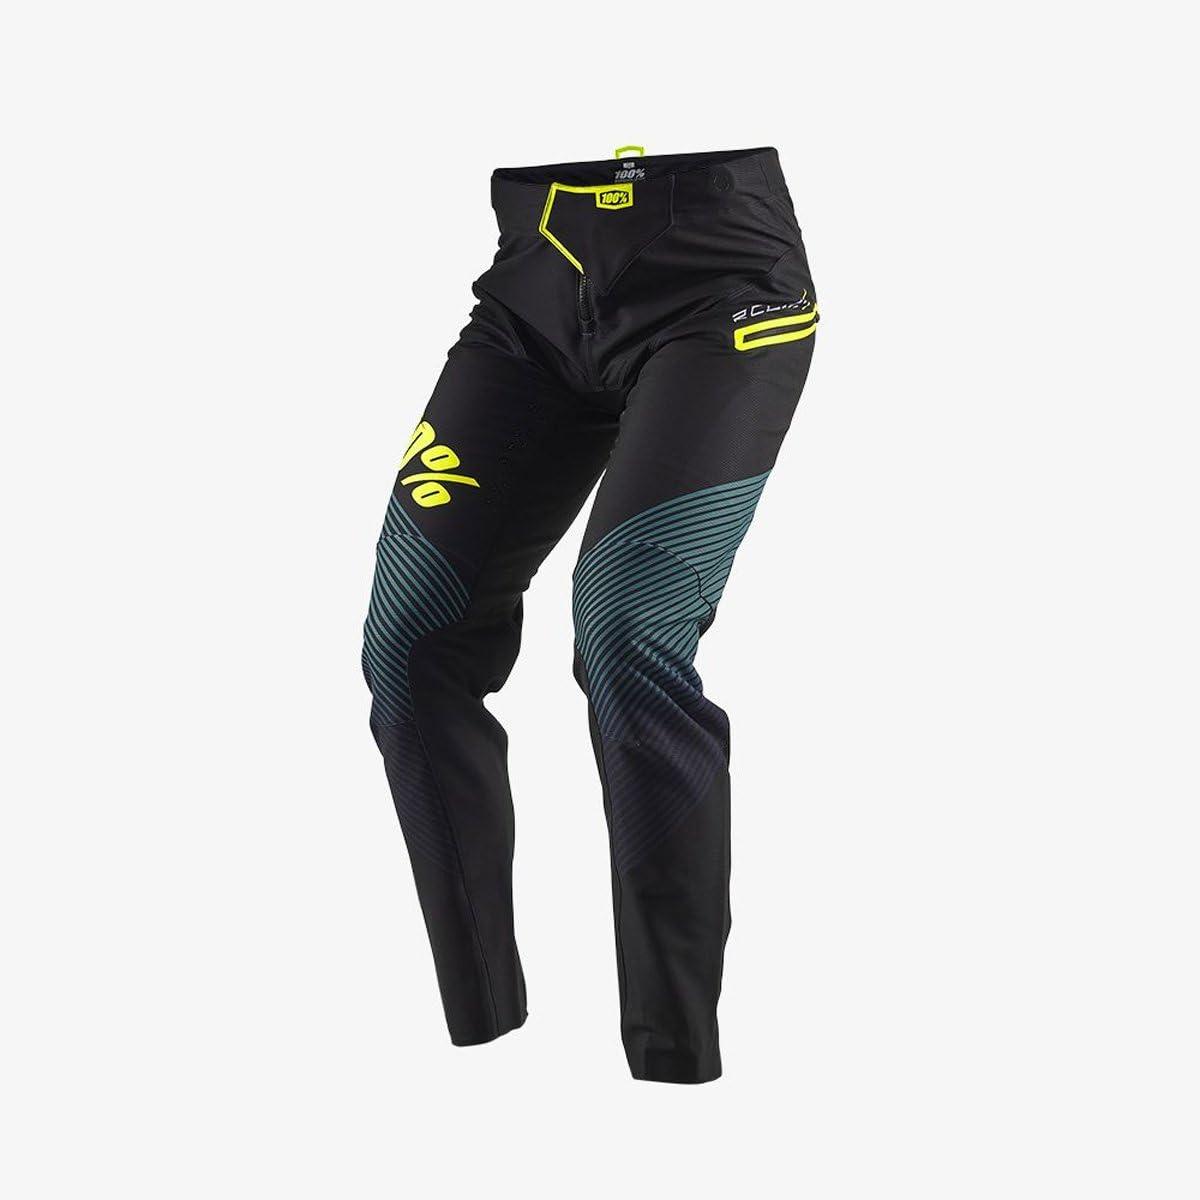 100% Percent 2018 Men's R-Core-X DH Mountain Bike Pants - 43001 61dAE1MNXTL